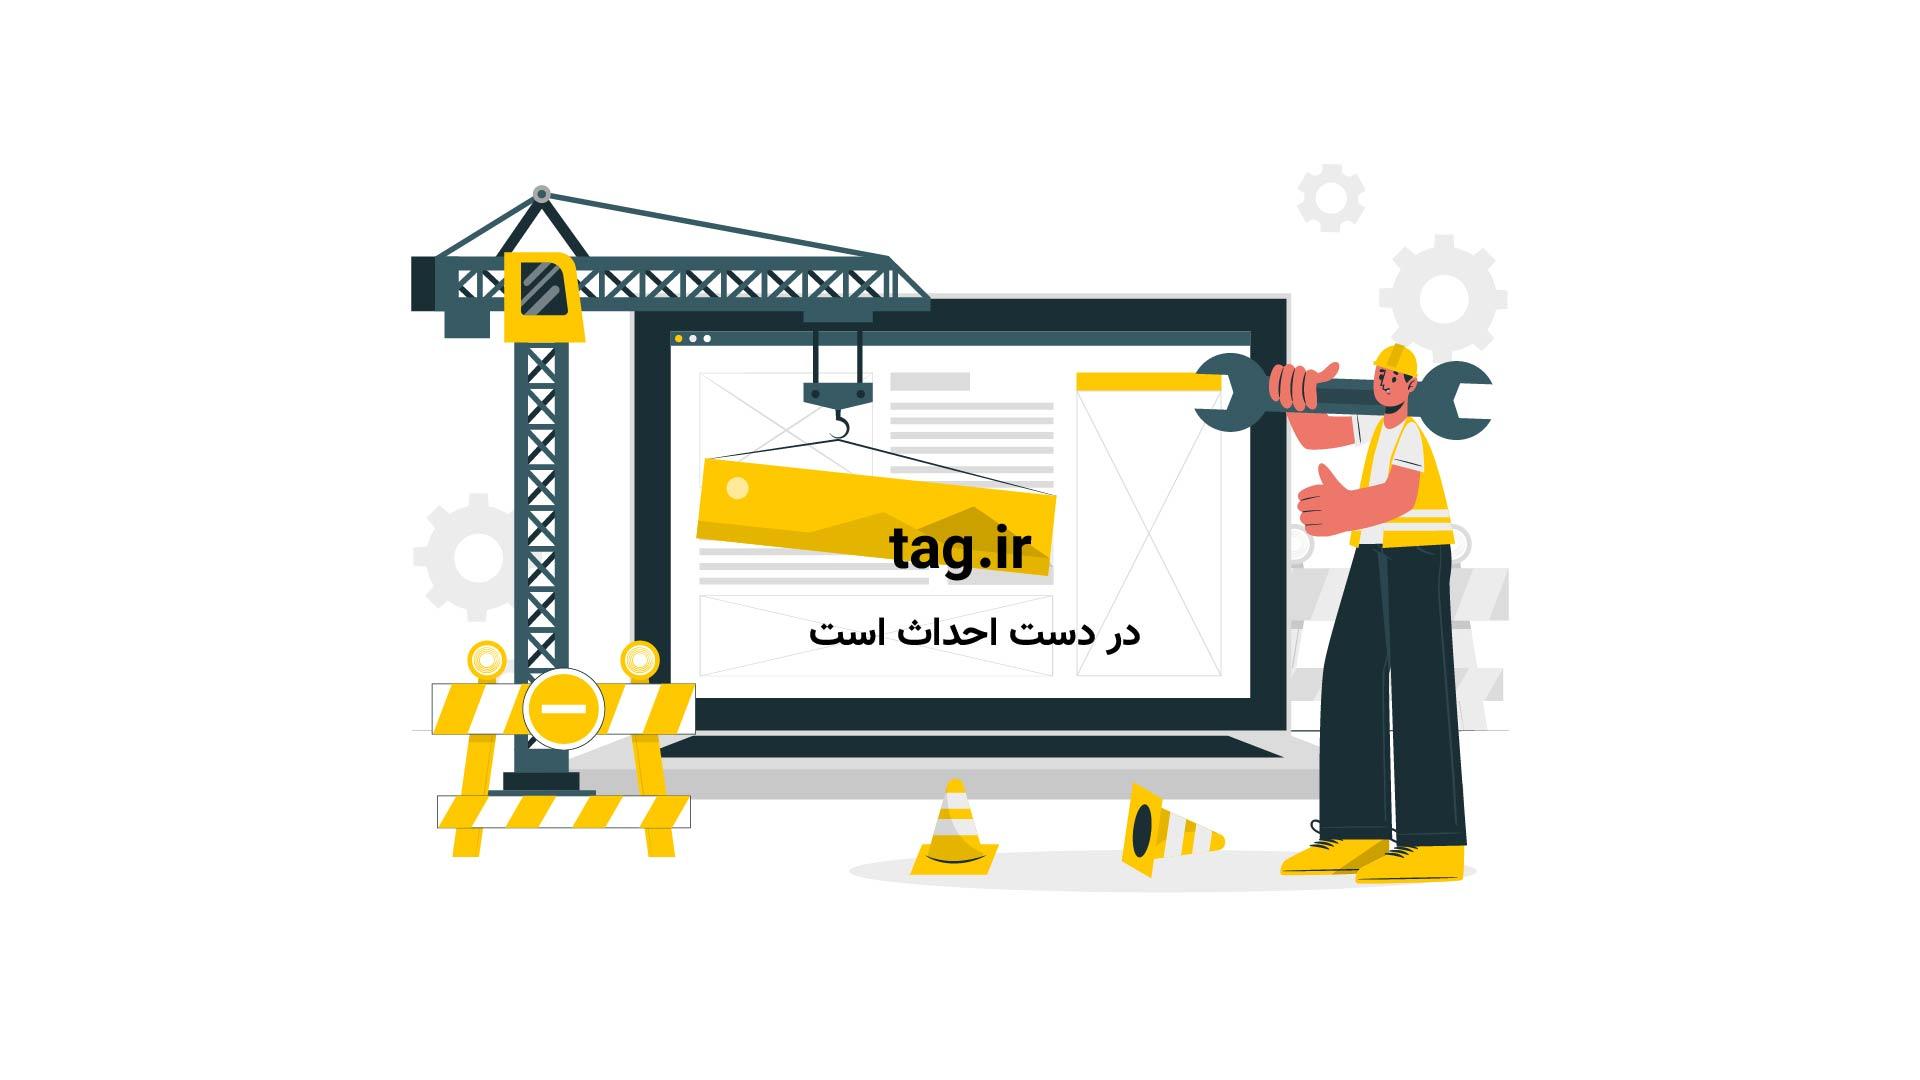 تزیین شکلات | تگ